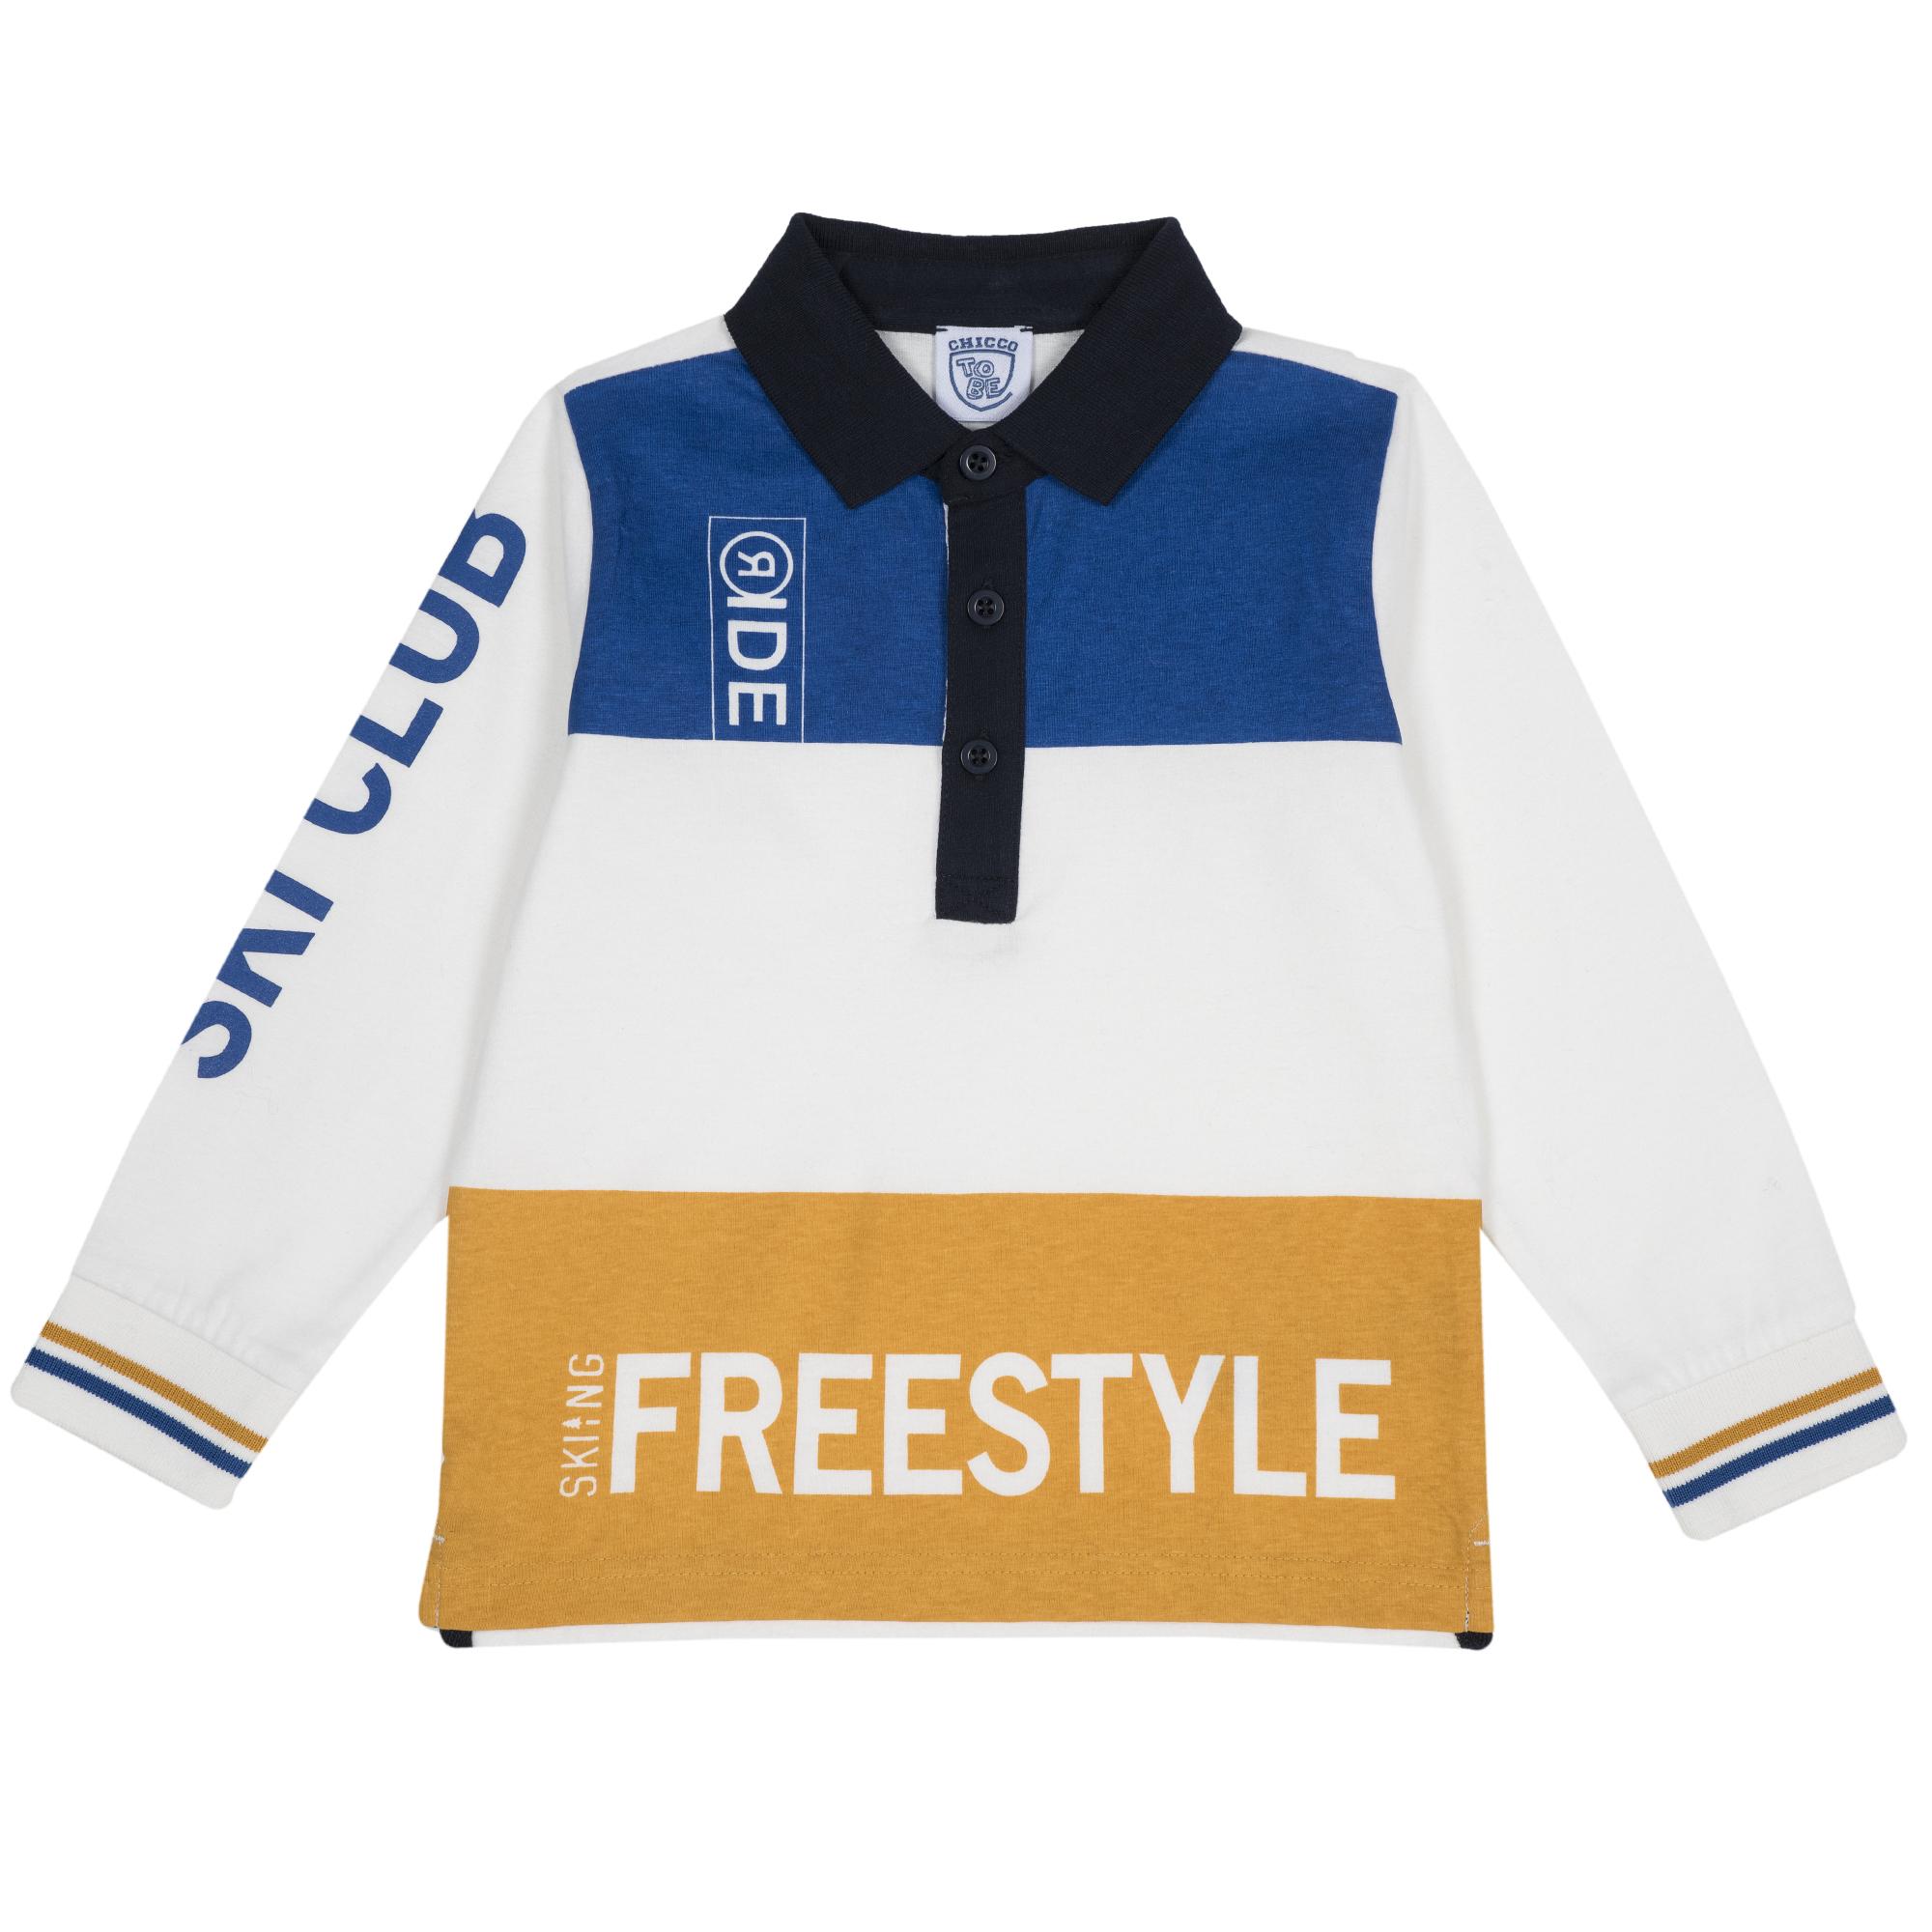 Camisola Branca e Azul – 22,99€